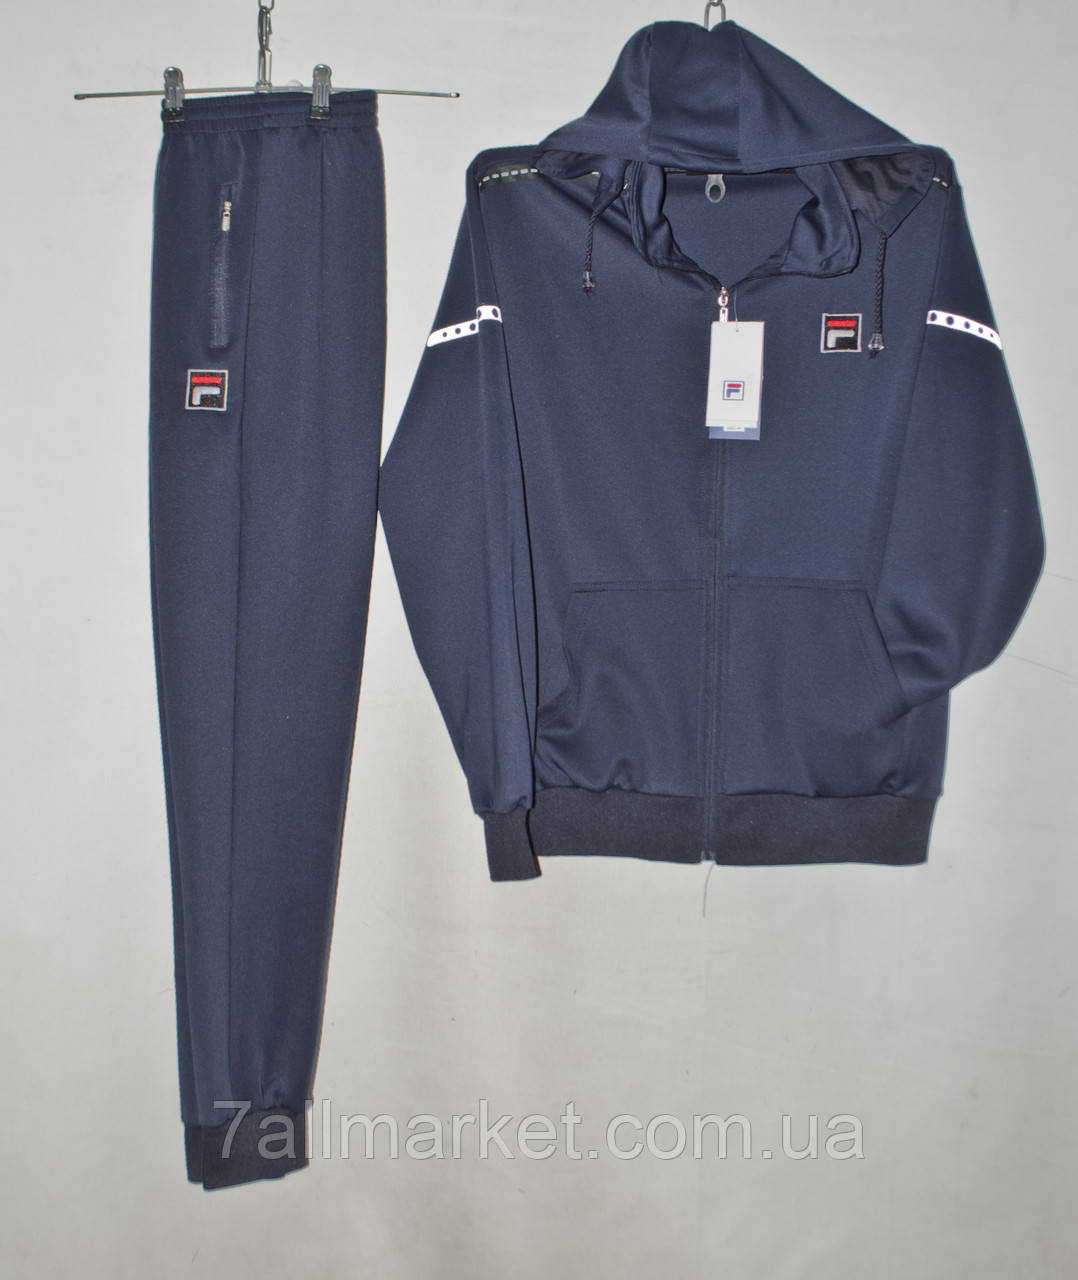 ec29c82d218 Спортивный костюм мужской полубатальный размеры 50-56 (3цвета) Серии